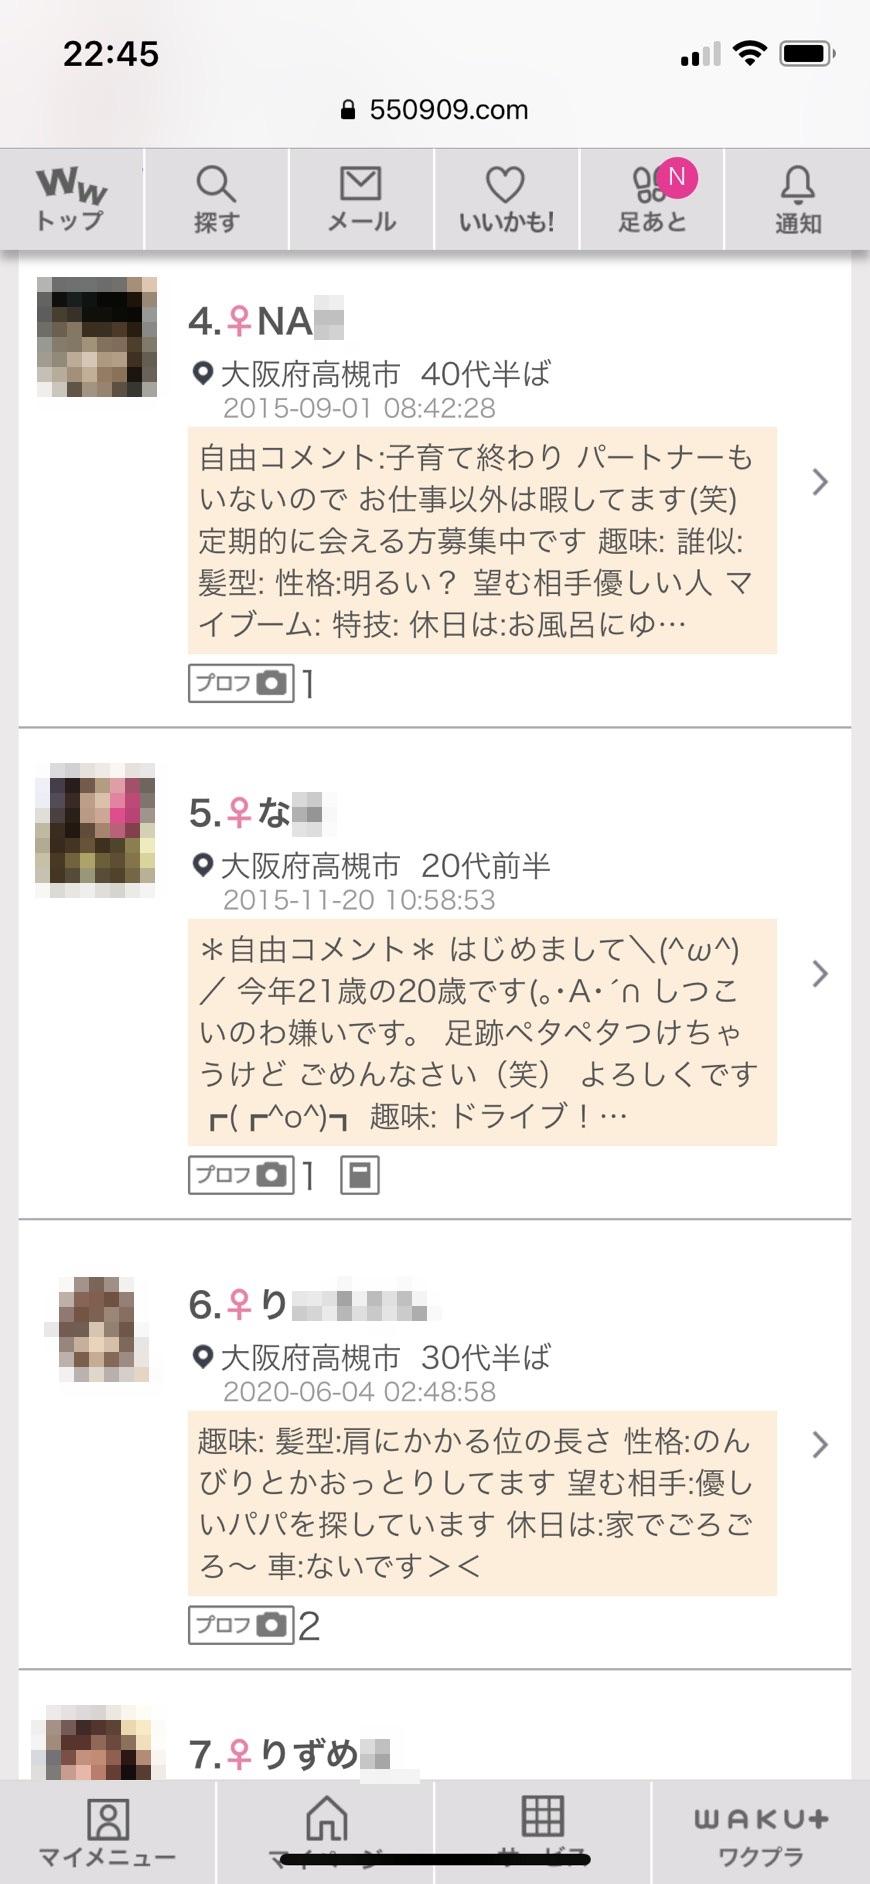 高槻・セックス(ワクワクメール)